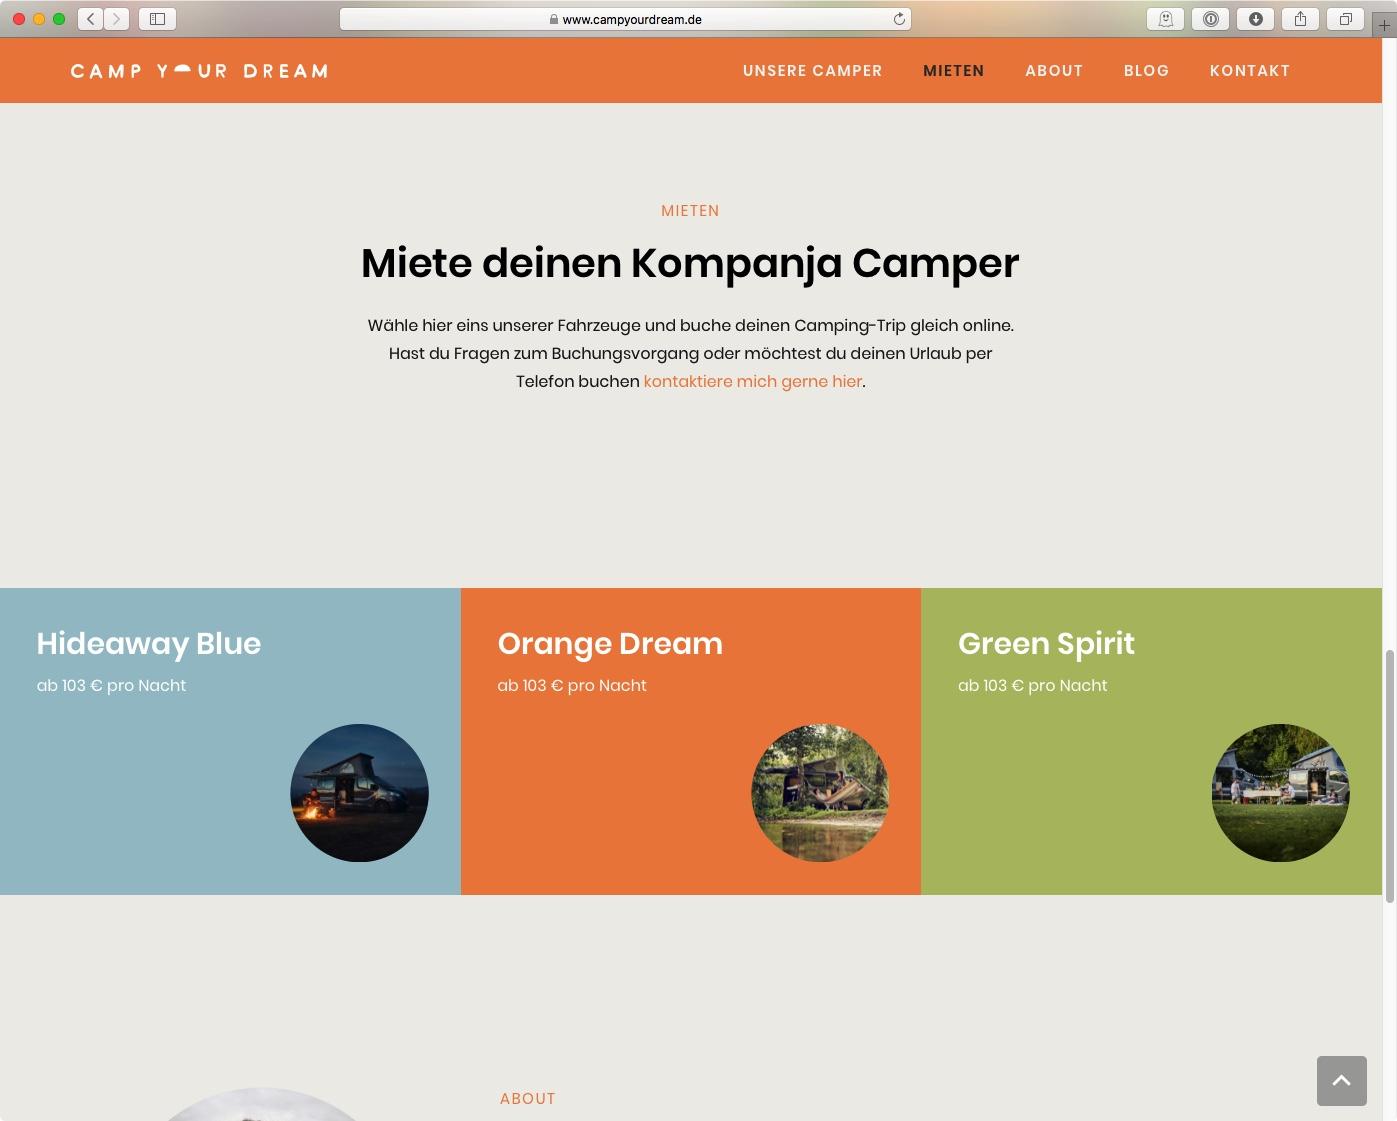 CAMP YOUR DREAM - Camper (Farbkonzept)